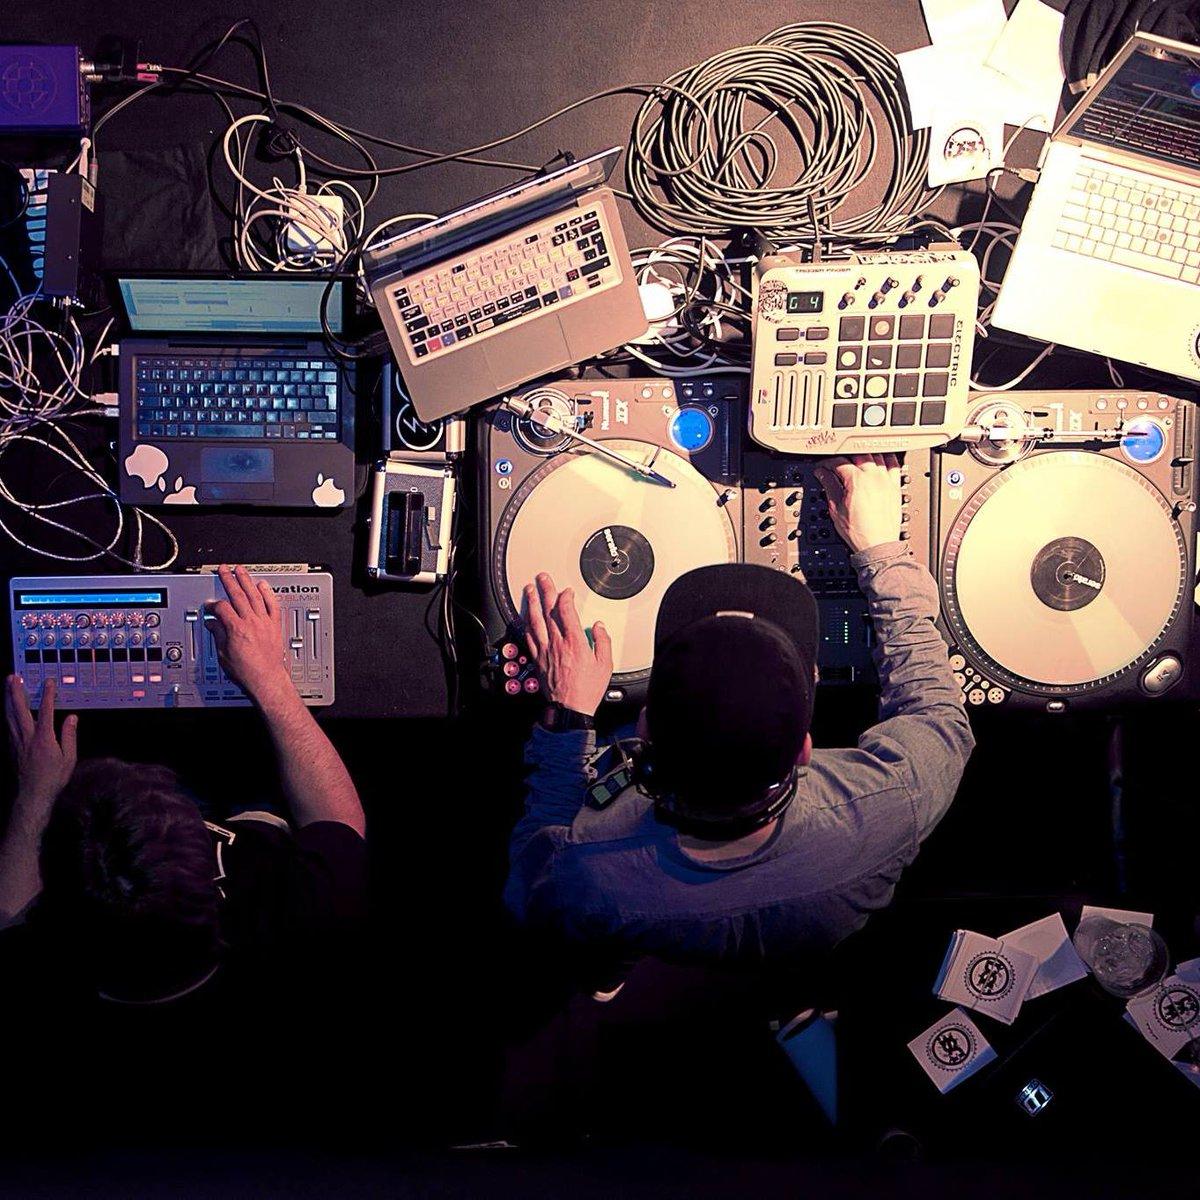 DJ Uneek est au Luna ce soir #Funk, #Hiphop #Electro à partir de 22h. Venez &amp; profitez. #LaPlagne #Music #DJ #Party   http:// ow.ly/MiAr3091pjN  &nbsp;  <br>http://pic.twitter.com/UueeZdv4sN